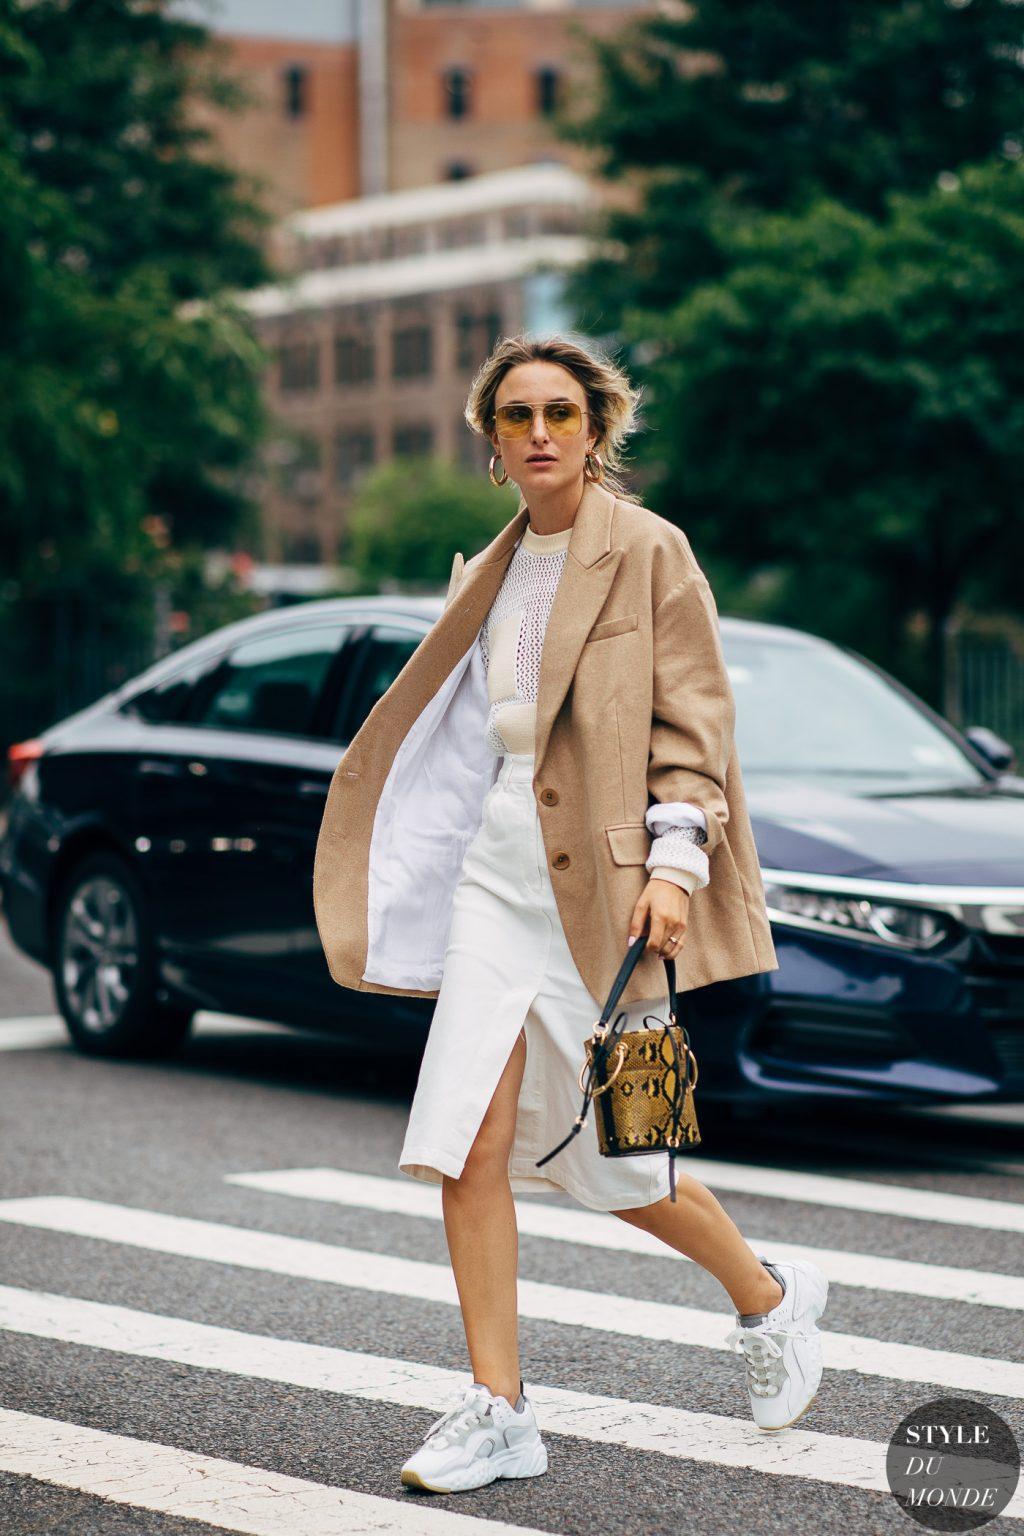 Rebecca Laurey diện blazer màu beige chân váy trắng kính mát tuần lễ thời trang new york